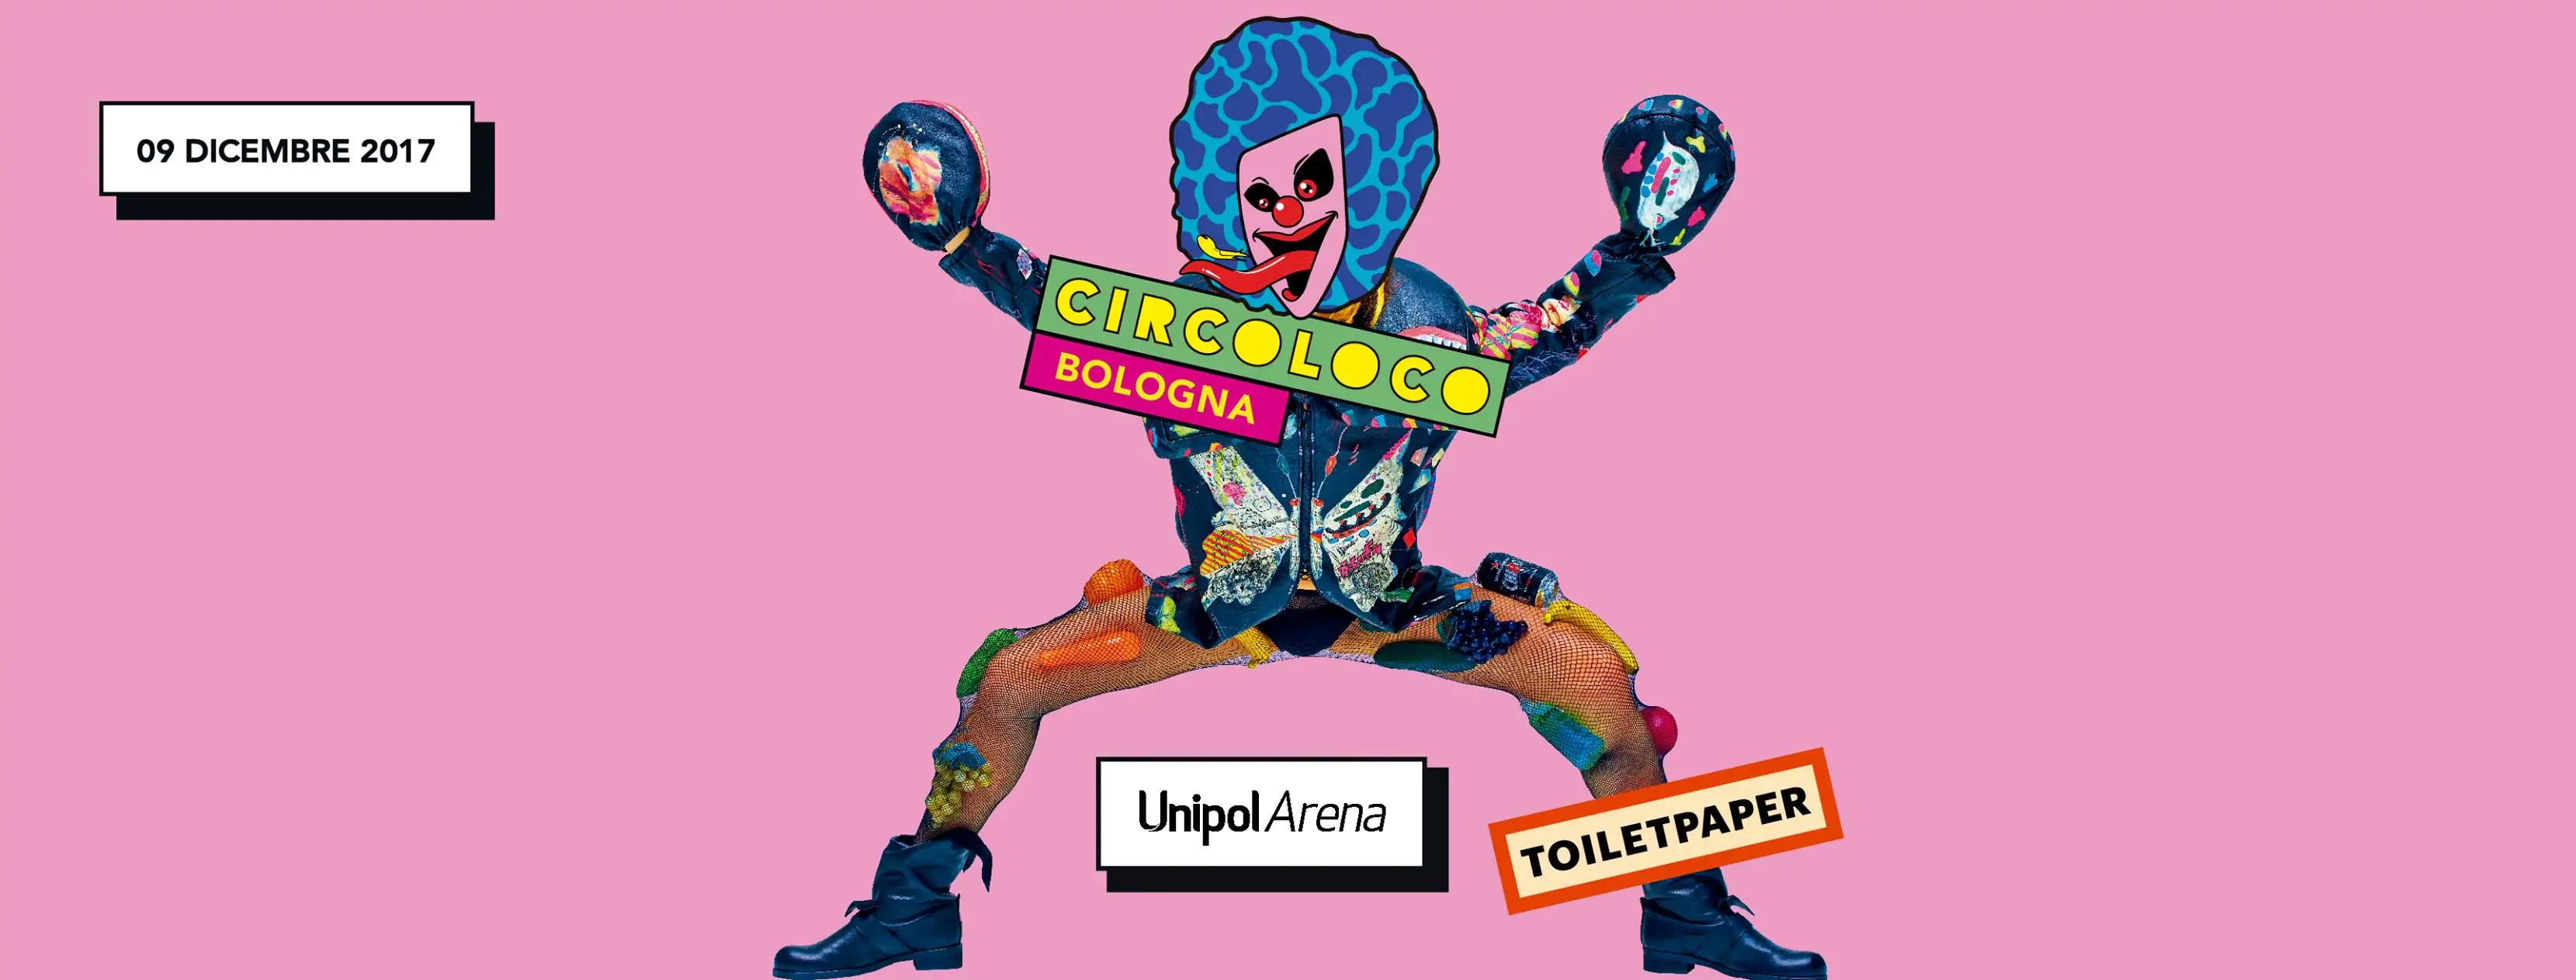 Circoloco Bologna 09 12 2017 Unipol Arena Prezzi Ticket Pacchetti Hotel